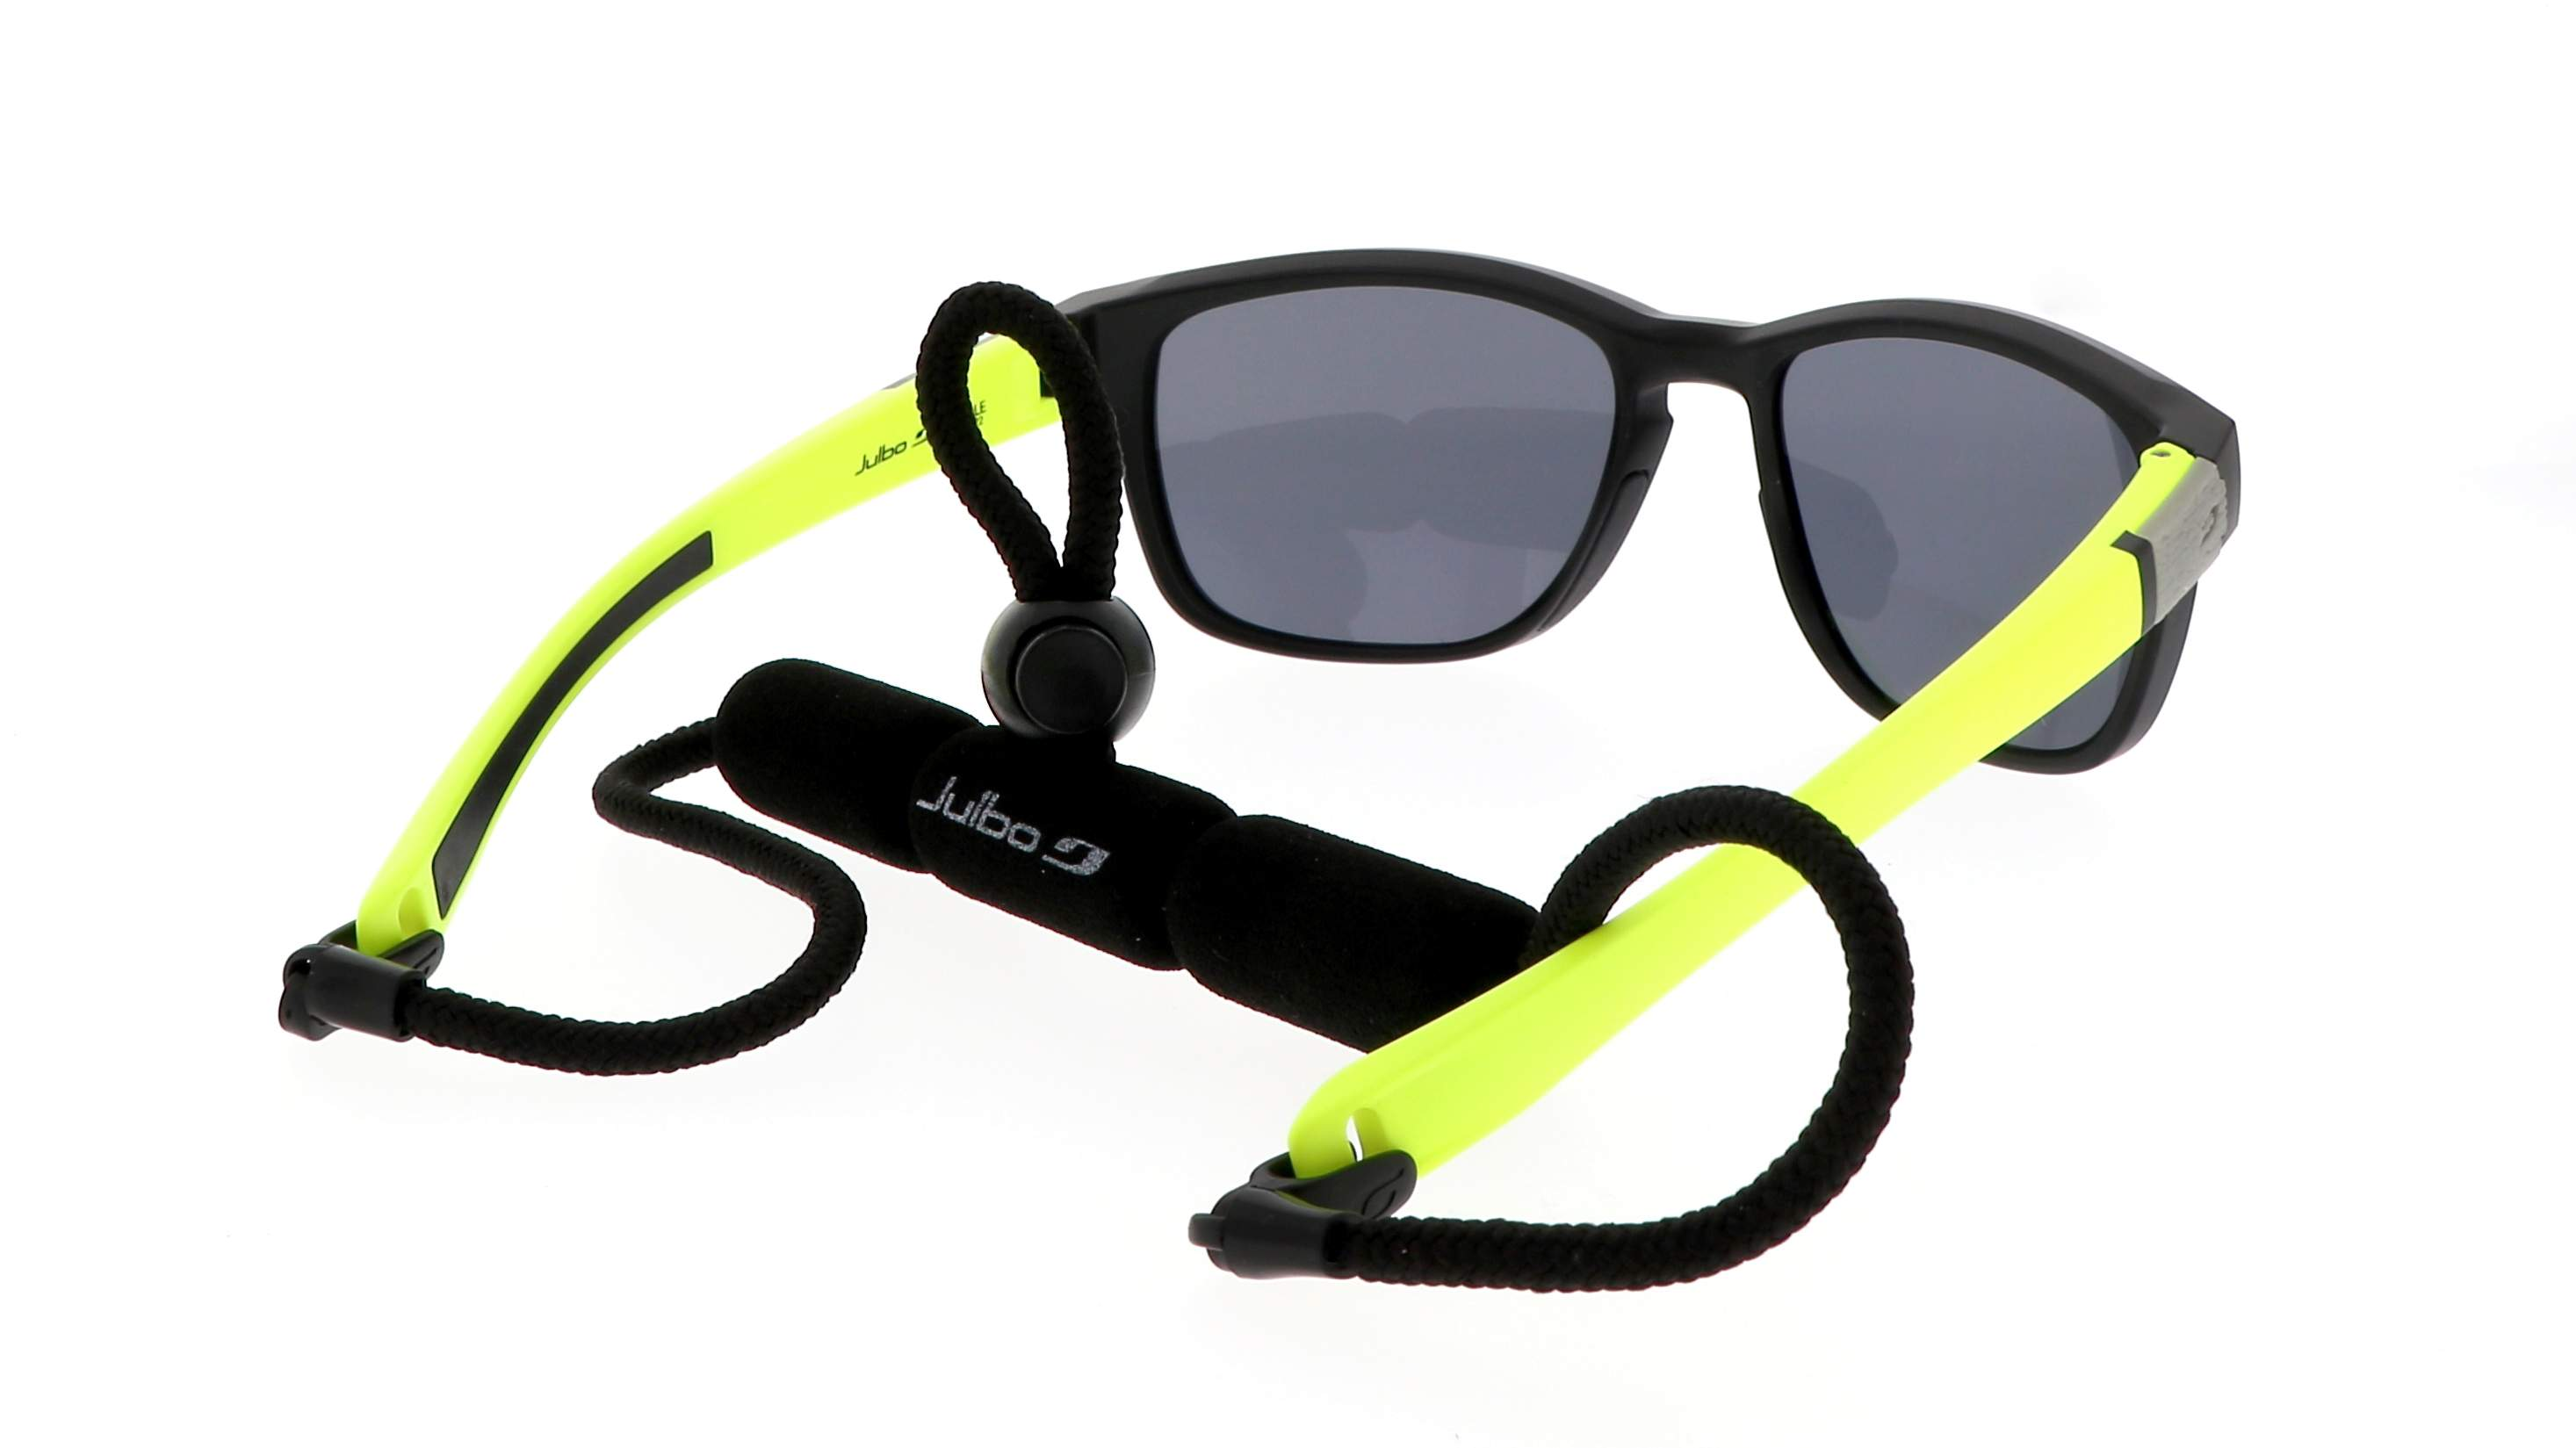 Julbo Floating Glasses//Sunglasses Retainer Black